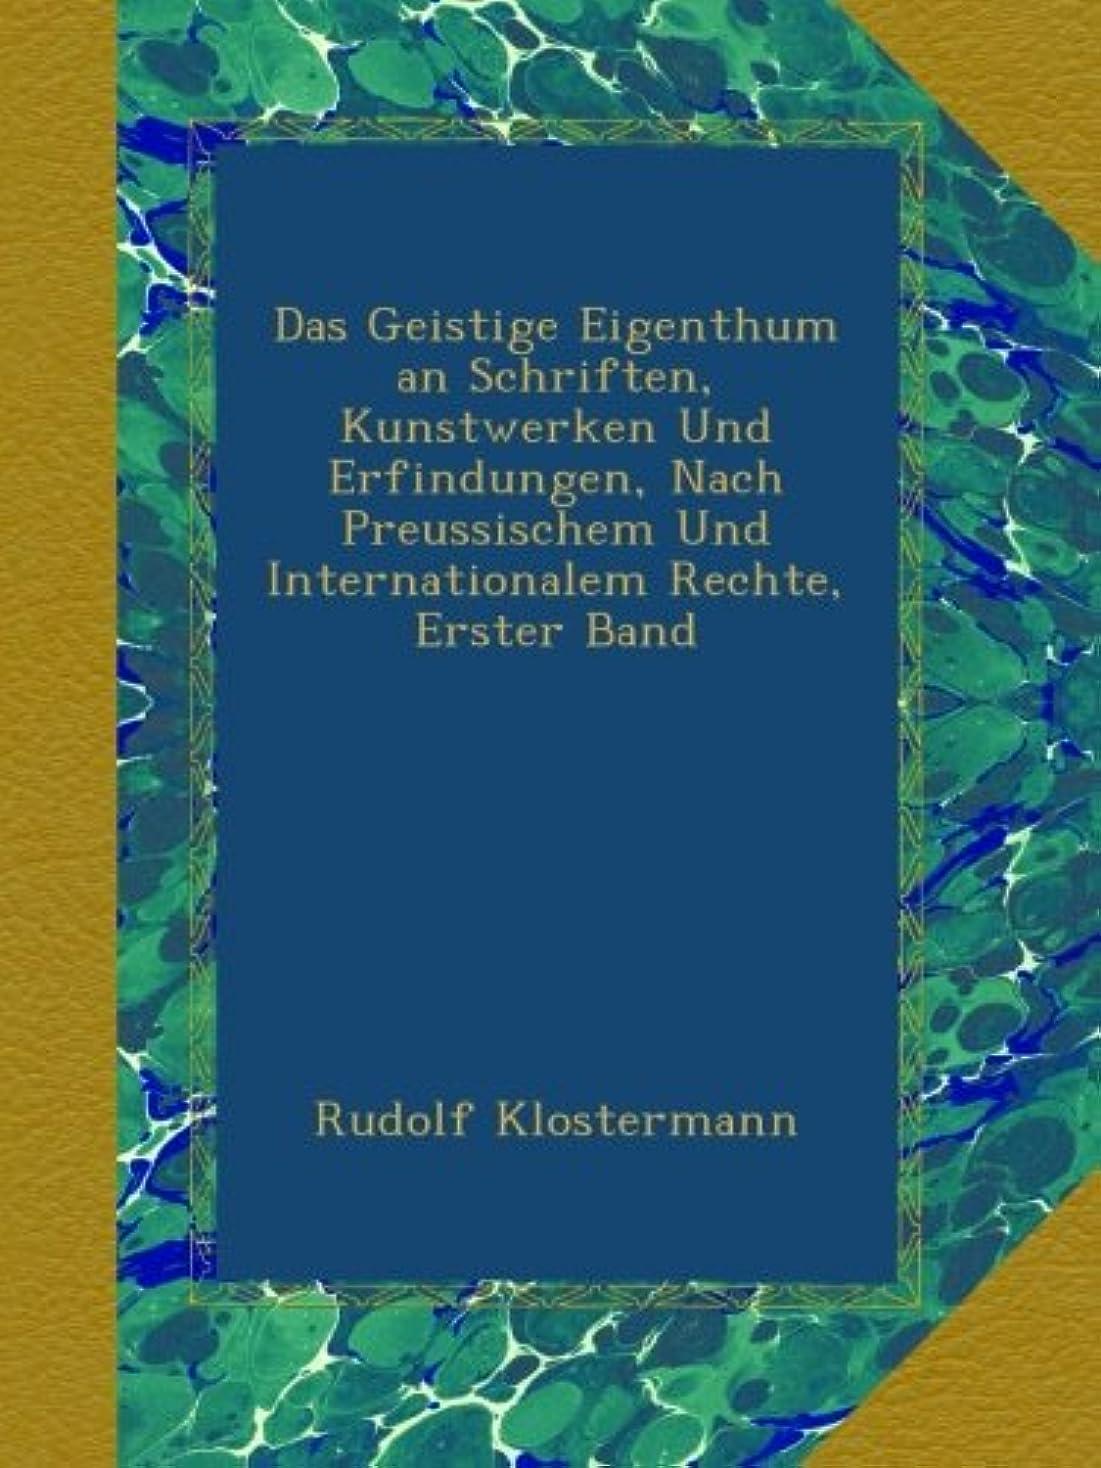 記念日錆び歌Das Geistige Eigenthum an Schriften, Kunstwerken Und Erfindungen, Nach Preussischem Und Internationalem Rechte, Erster Band